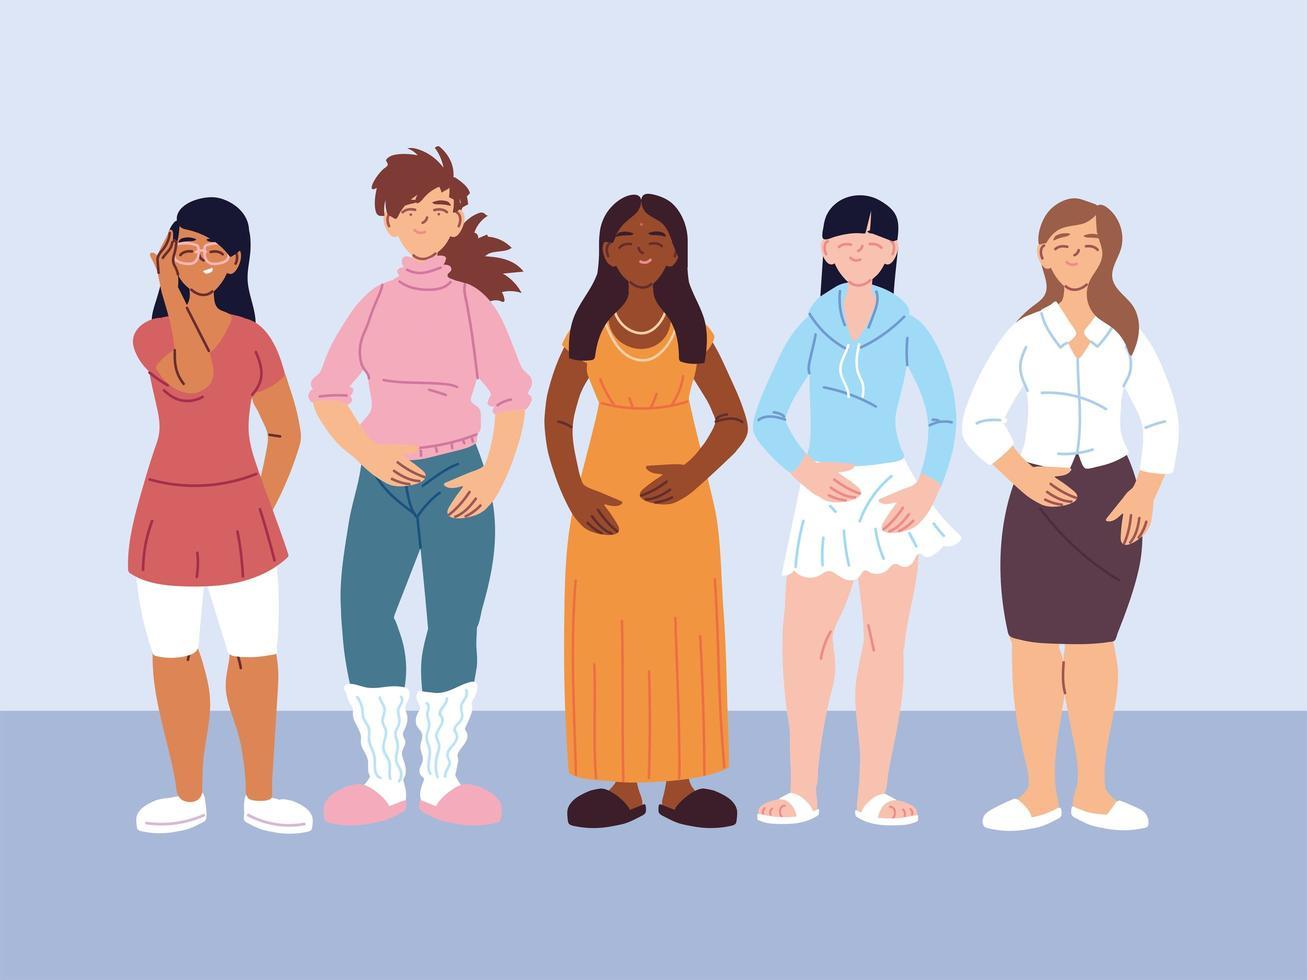 grupo diversificado de mulheres em roupas casuais vetor